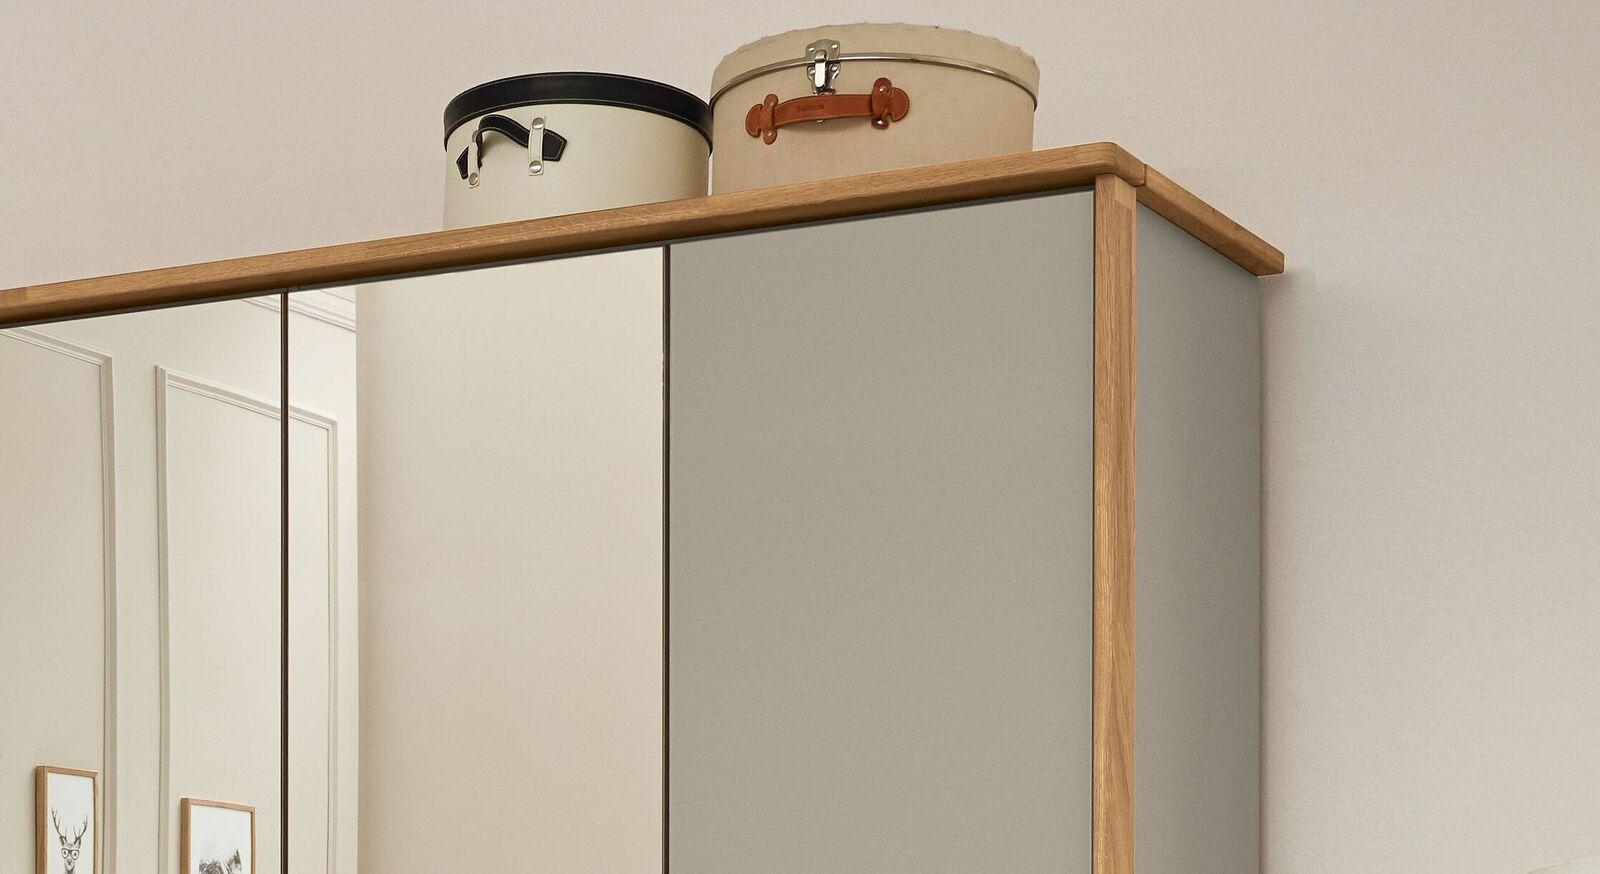 Full Size of Musterring Saphira Kleiderschrank Mit Spiegeltren Kieselgrau Betten Esstisch Wohnzimmer Musterring Saphira